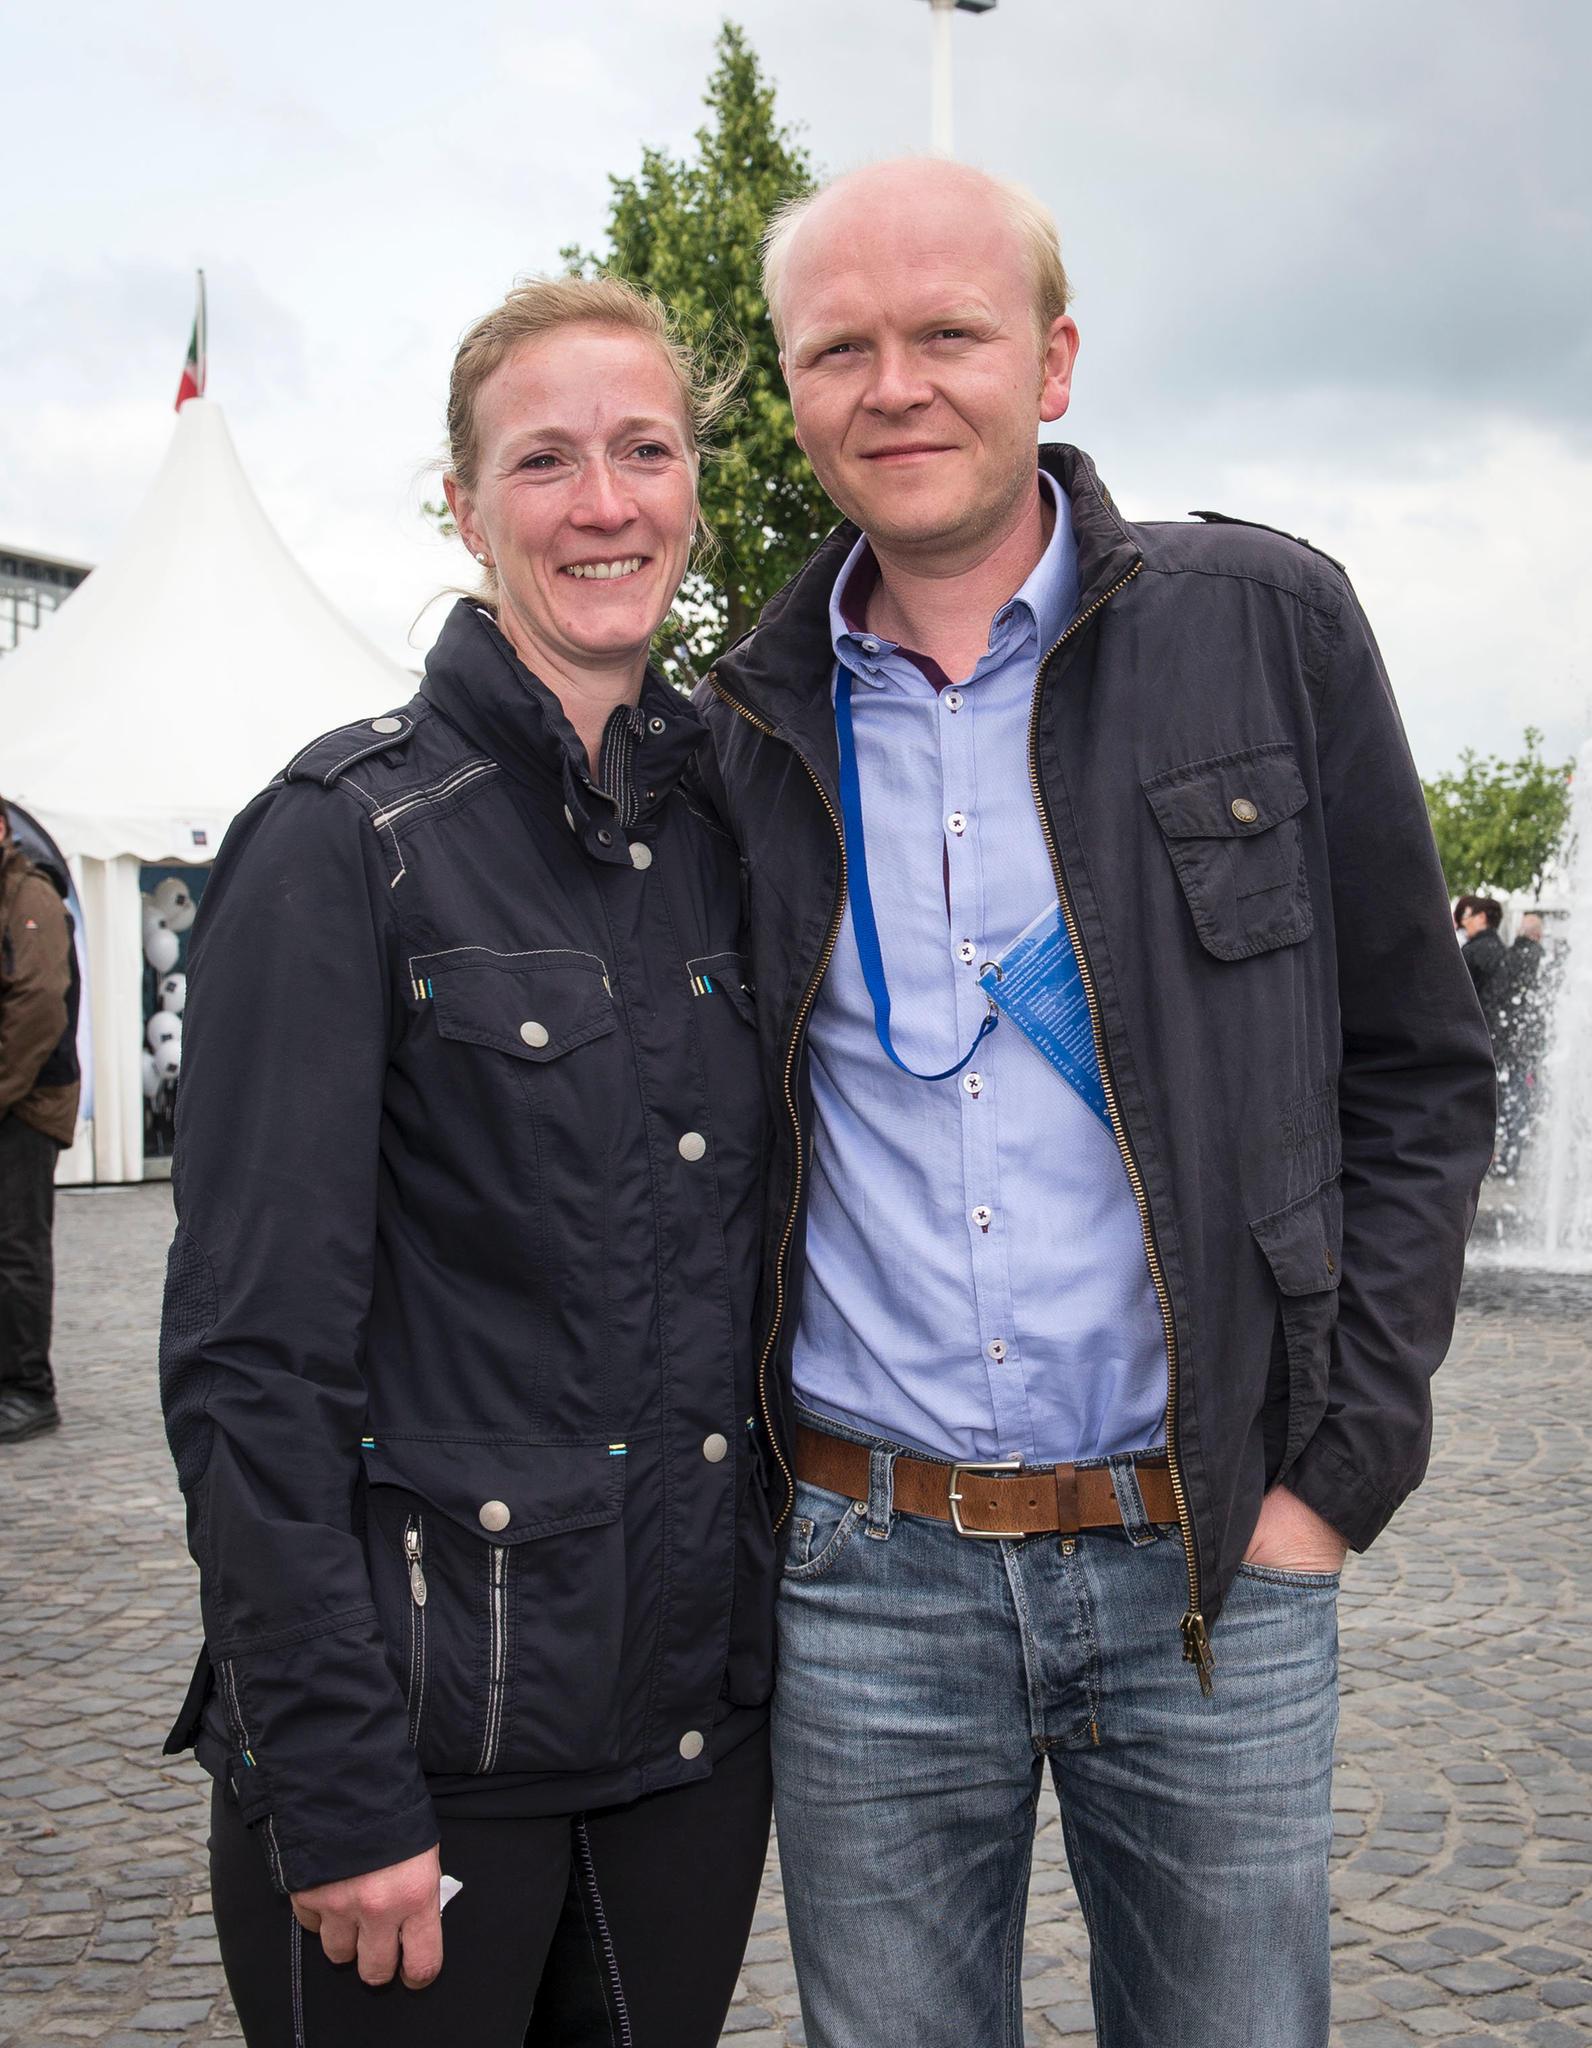 Prinzessin Nathalie zu Sayn-Wittgenstein-Berleburg und ihr Mann, Alexander Johannsmann